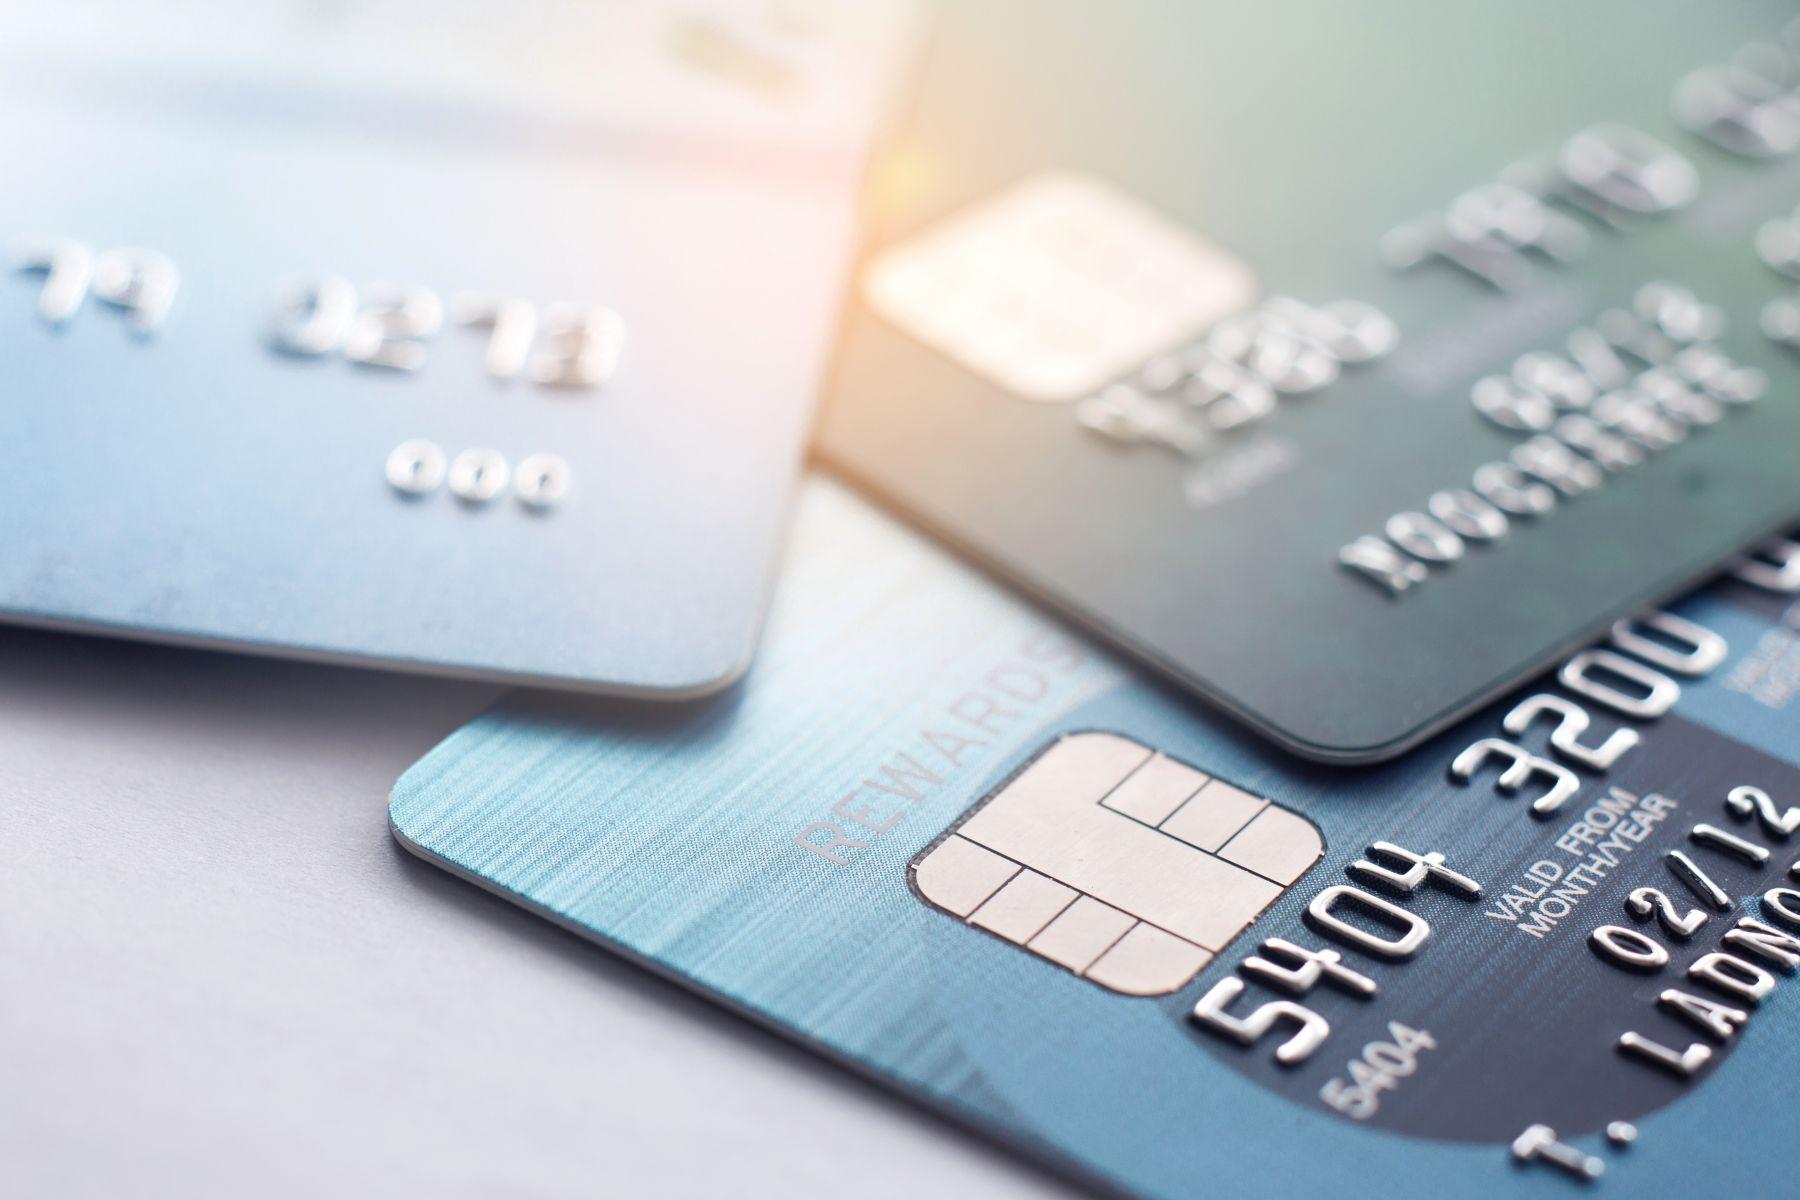 網購族必備!哪張信用卡回饋最多?快看這篇